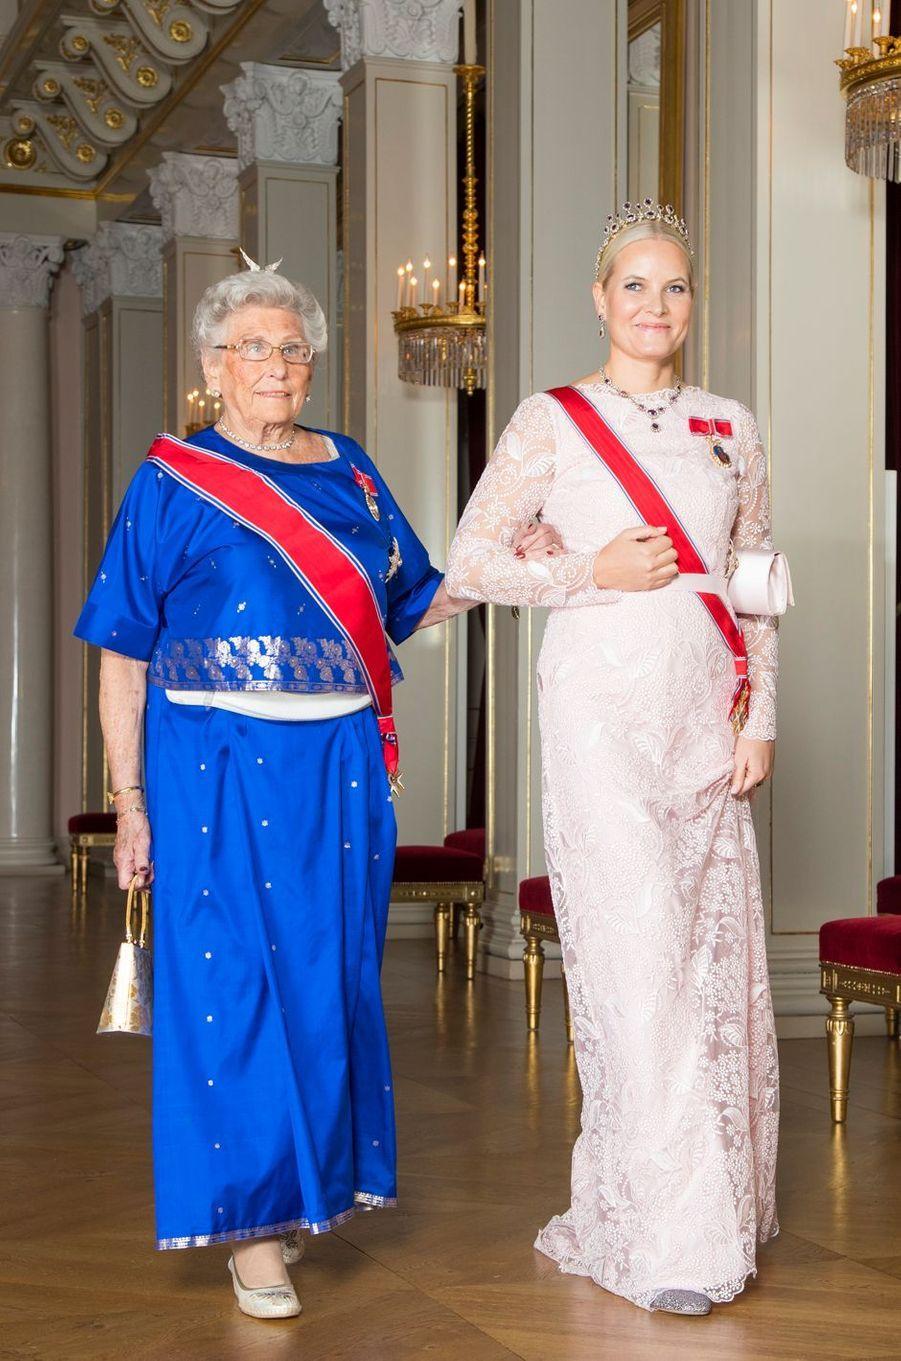 La princesse Mette-Marit de Norvège avec la princesse Astrid à Oslo, le 26 octobre 2017